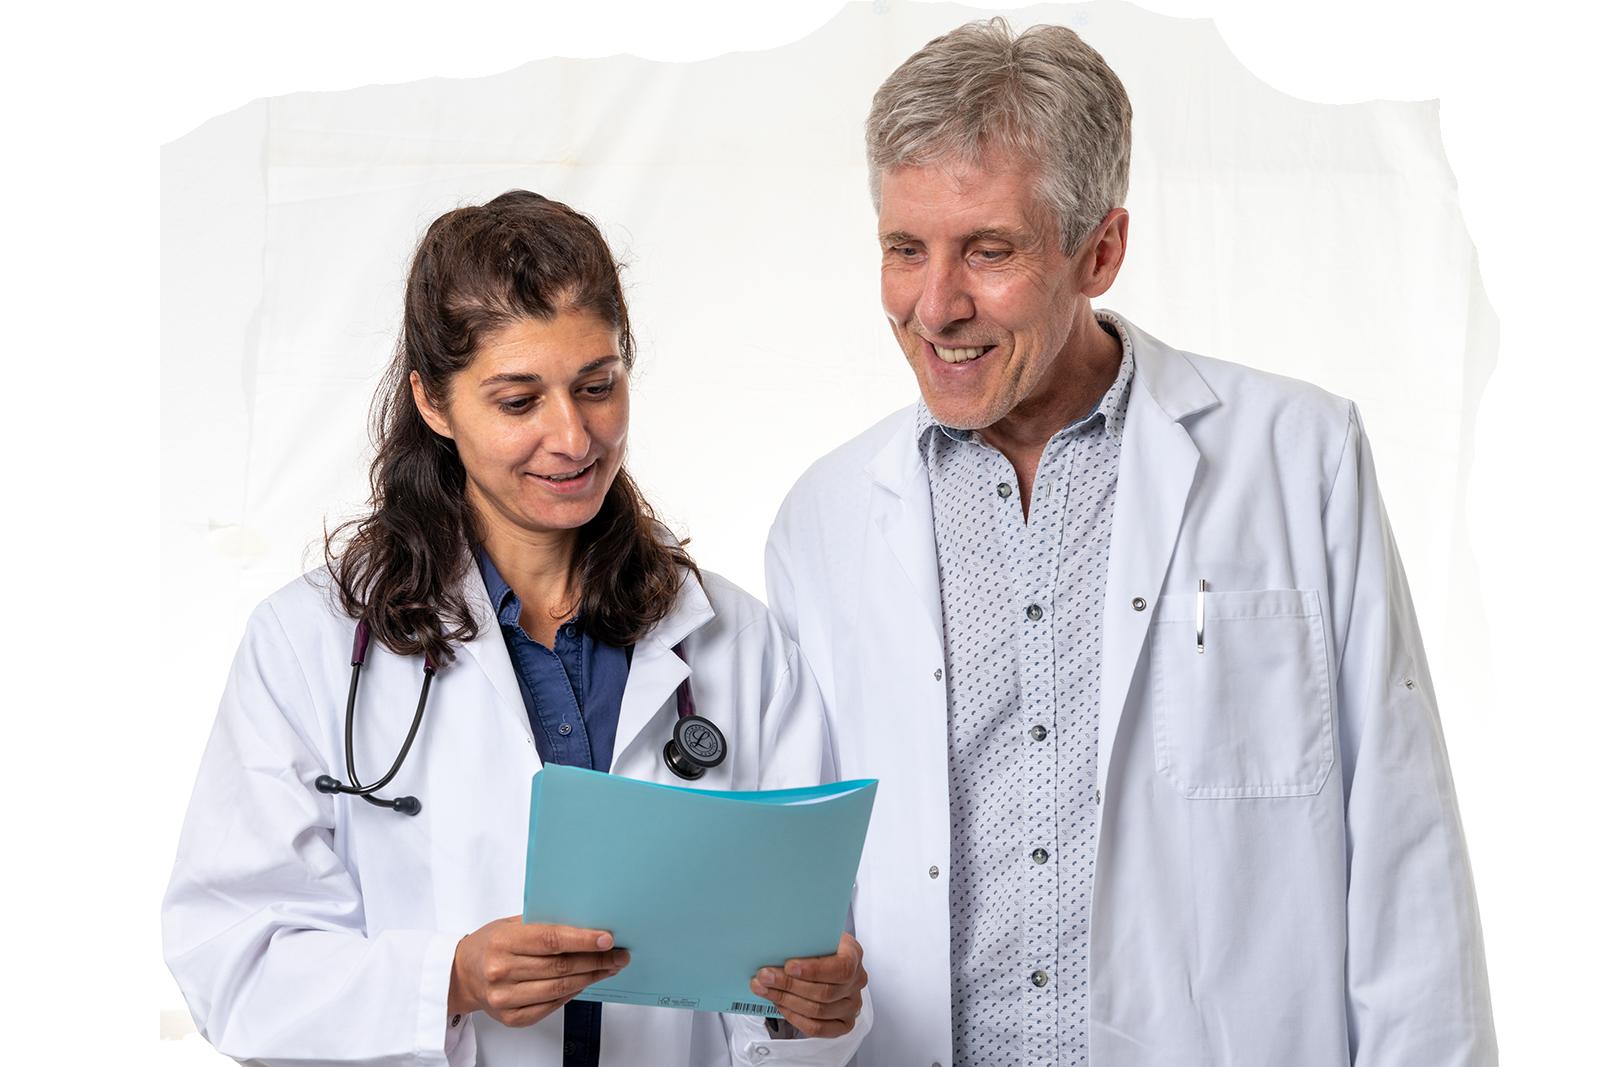 Ärztefoto mit Sima Dadelahi und Peter Jakobs